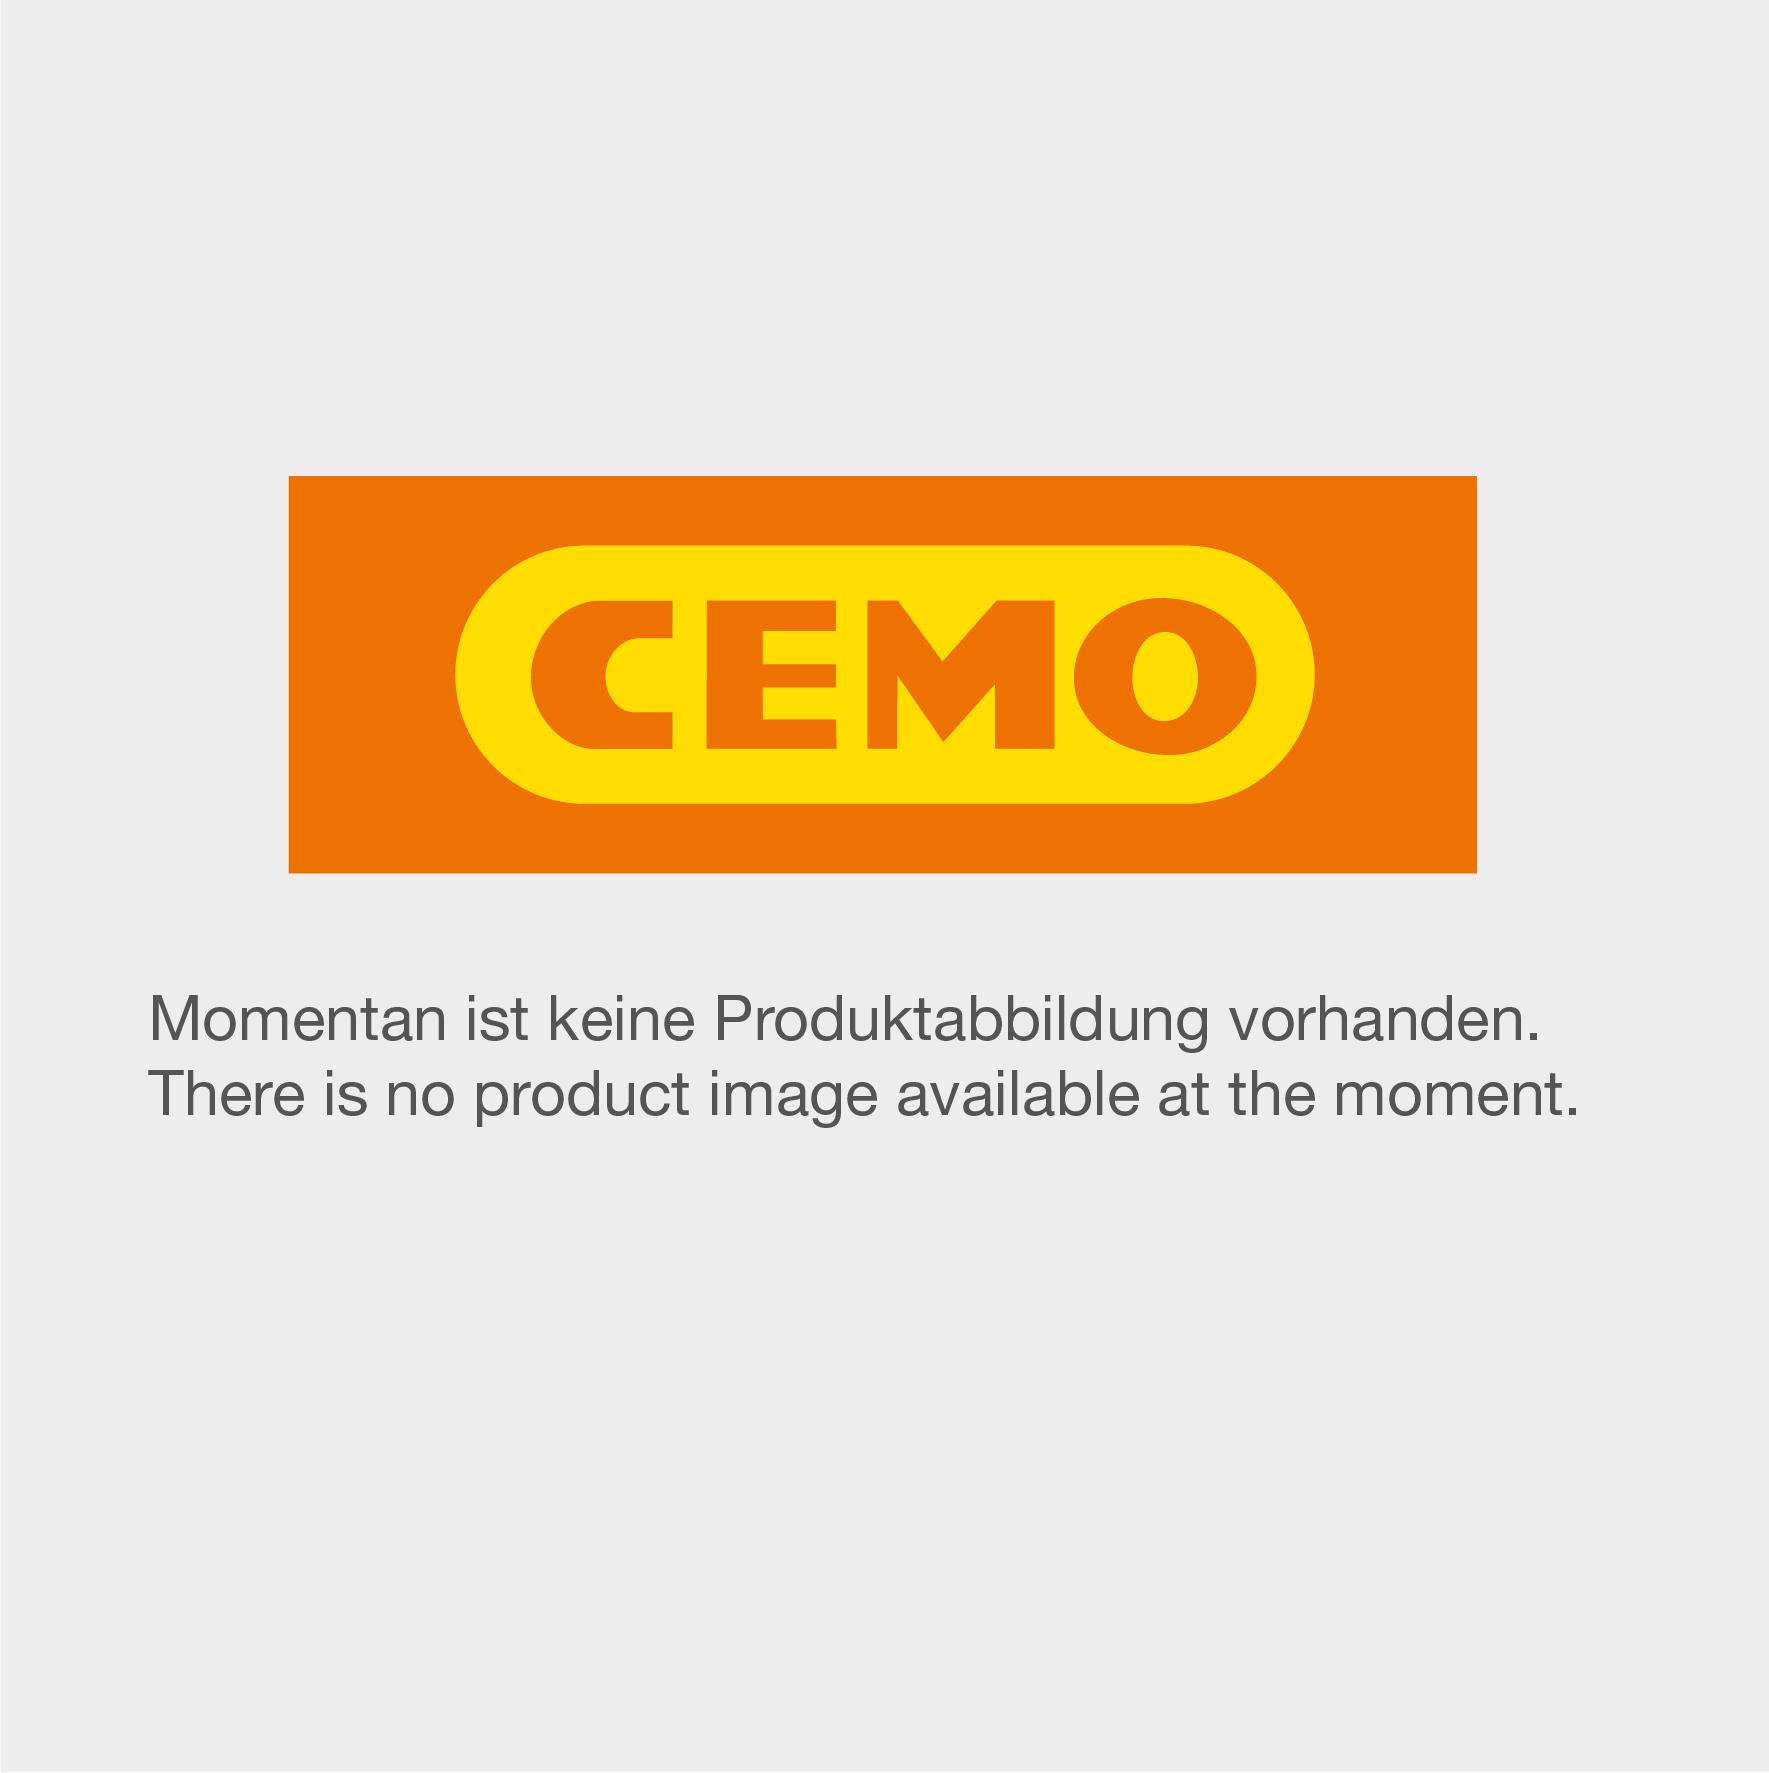 CEMO DT-Mobil Easy 125 l oder 210 l nach ADR 1.1.3.1 c)